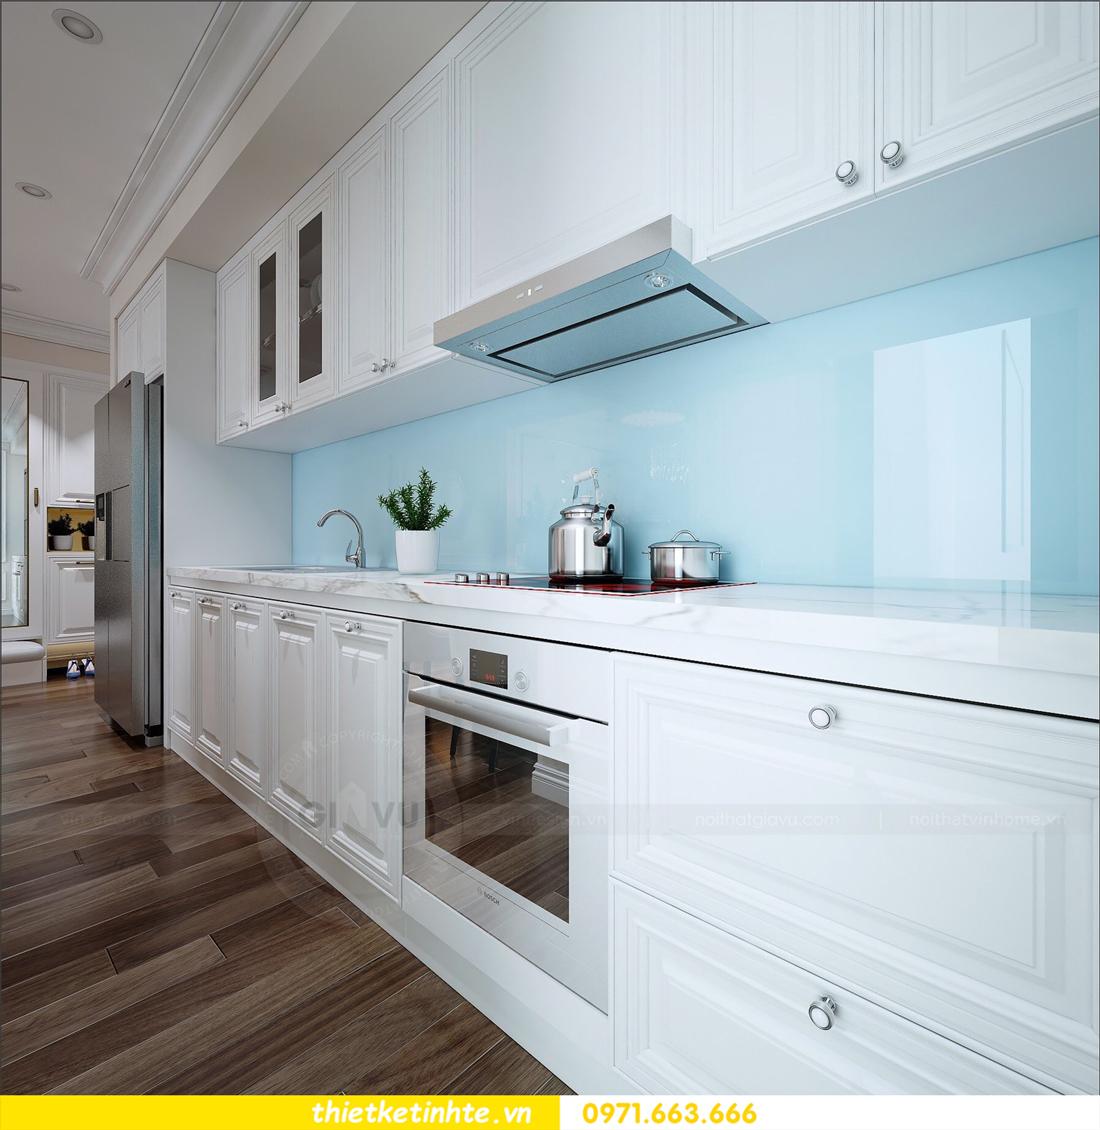 thiết kế nội thất chung cư cao cấp D Capitale tòa C1-02 nhà chị Hiên 06